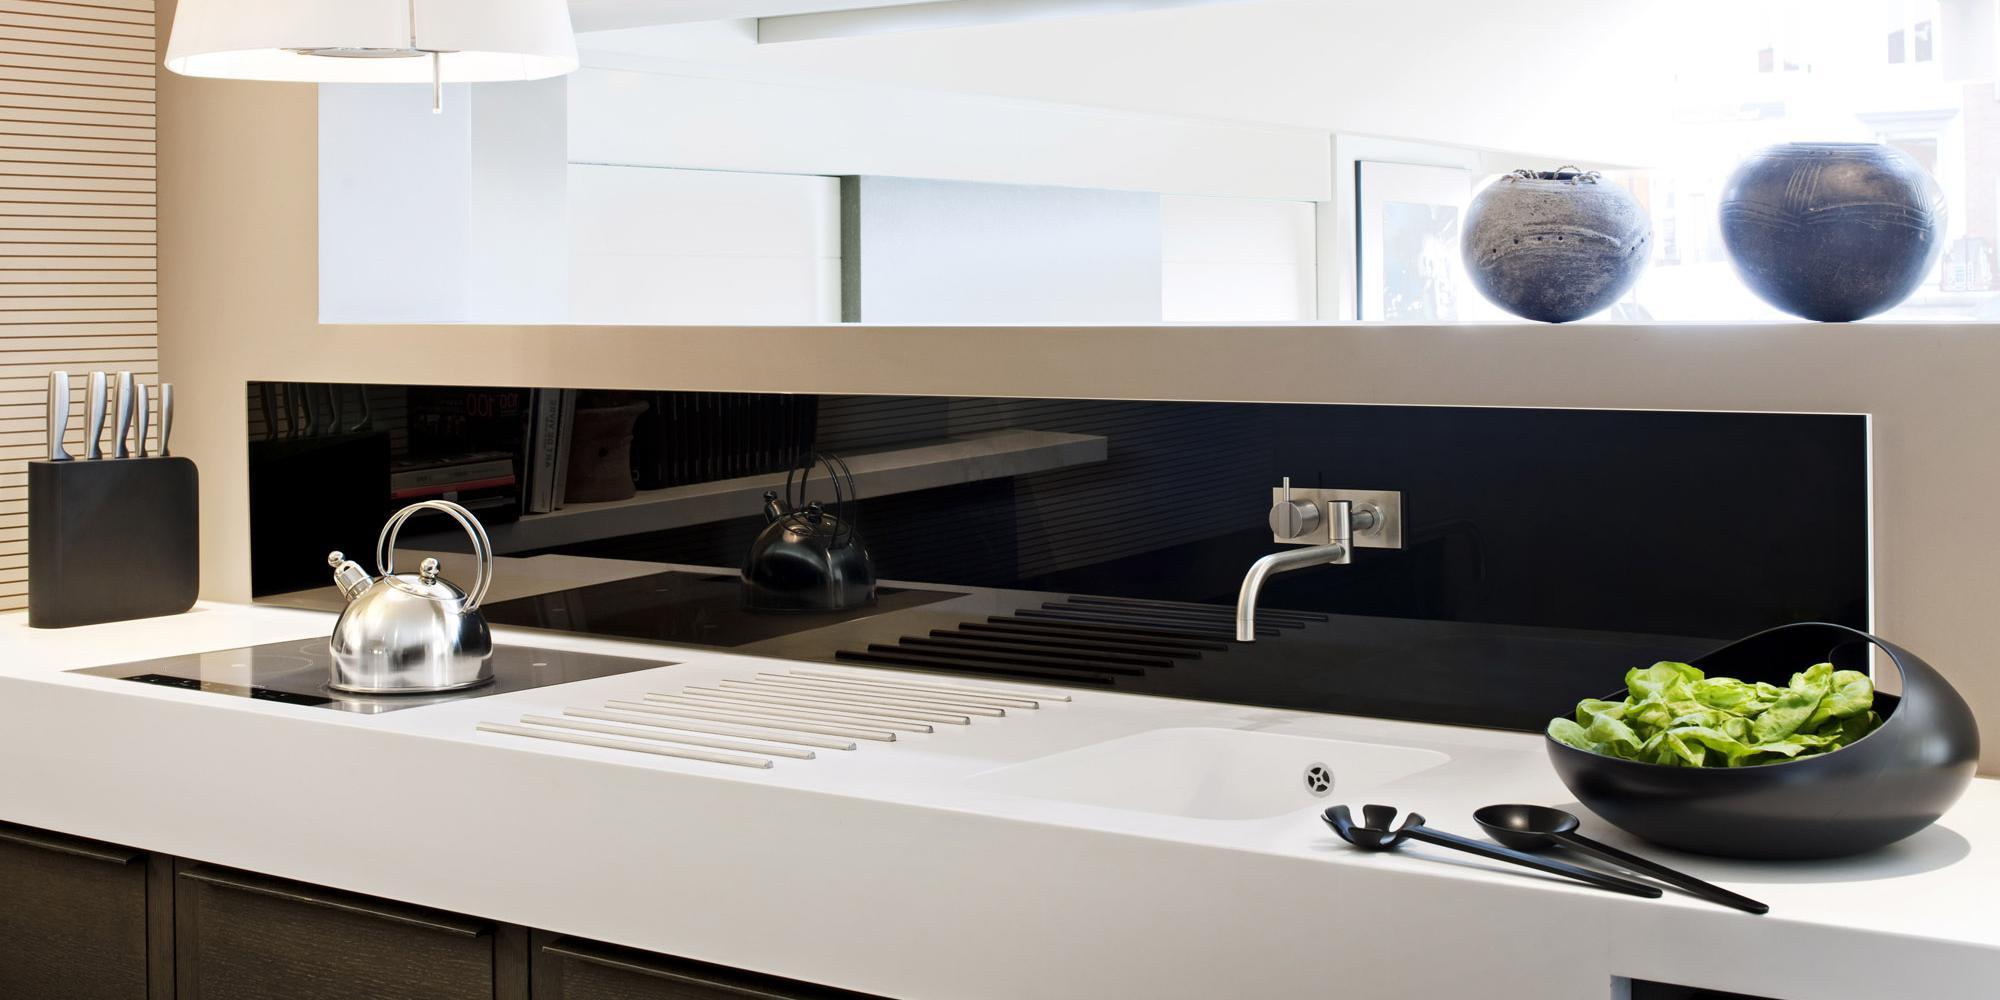 mobilier et d coration cr dence siala. Black Bedroom Furniture Sets. Home Design Ideas